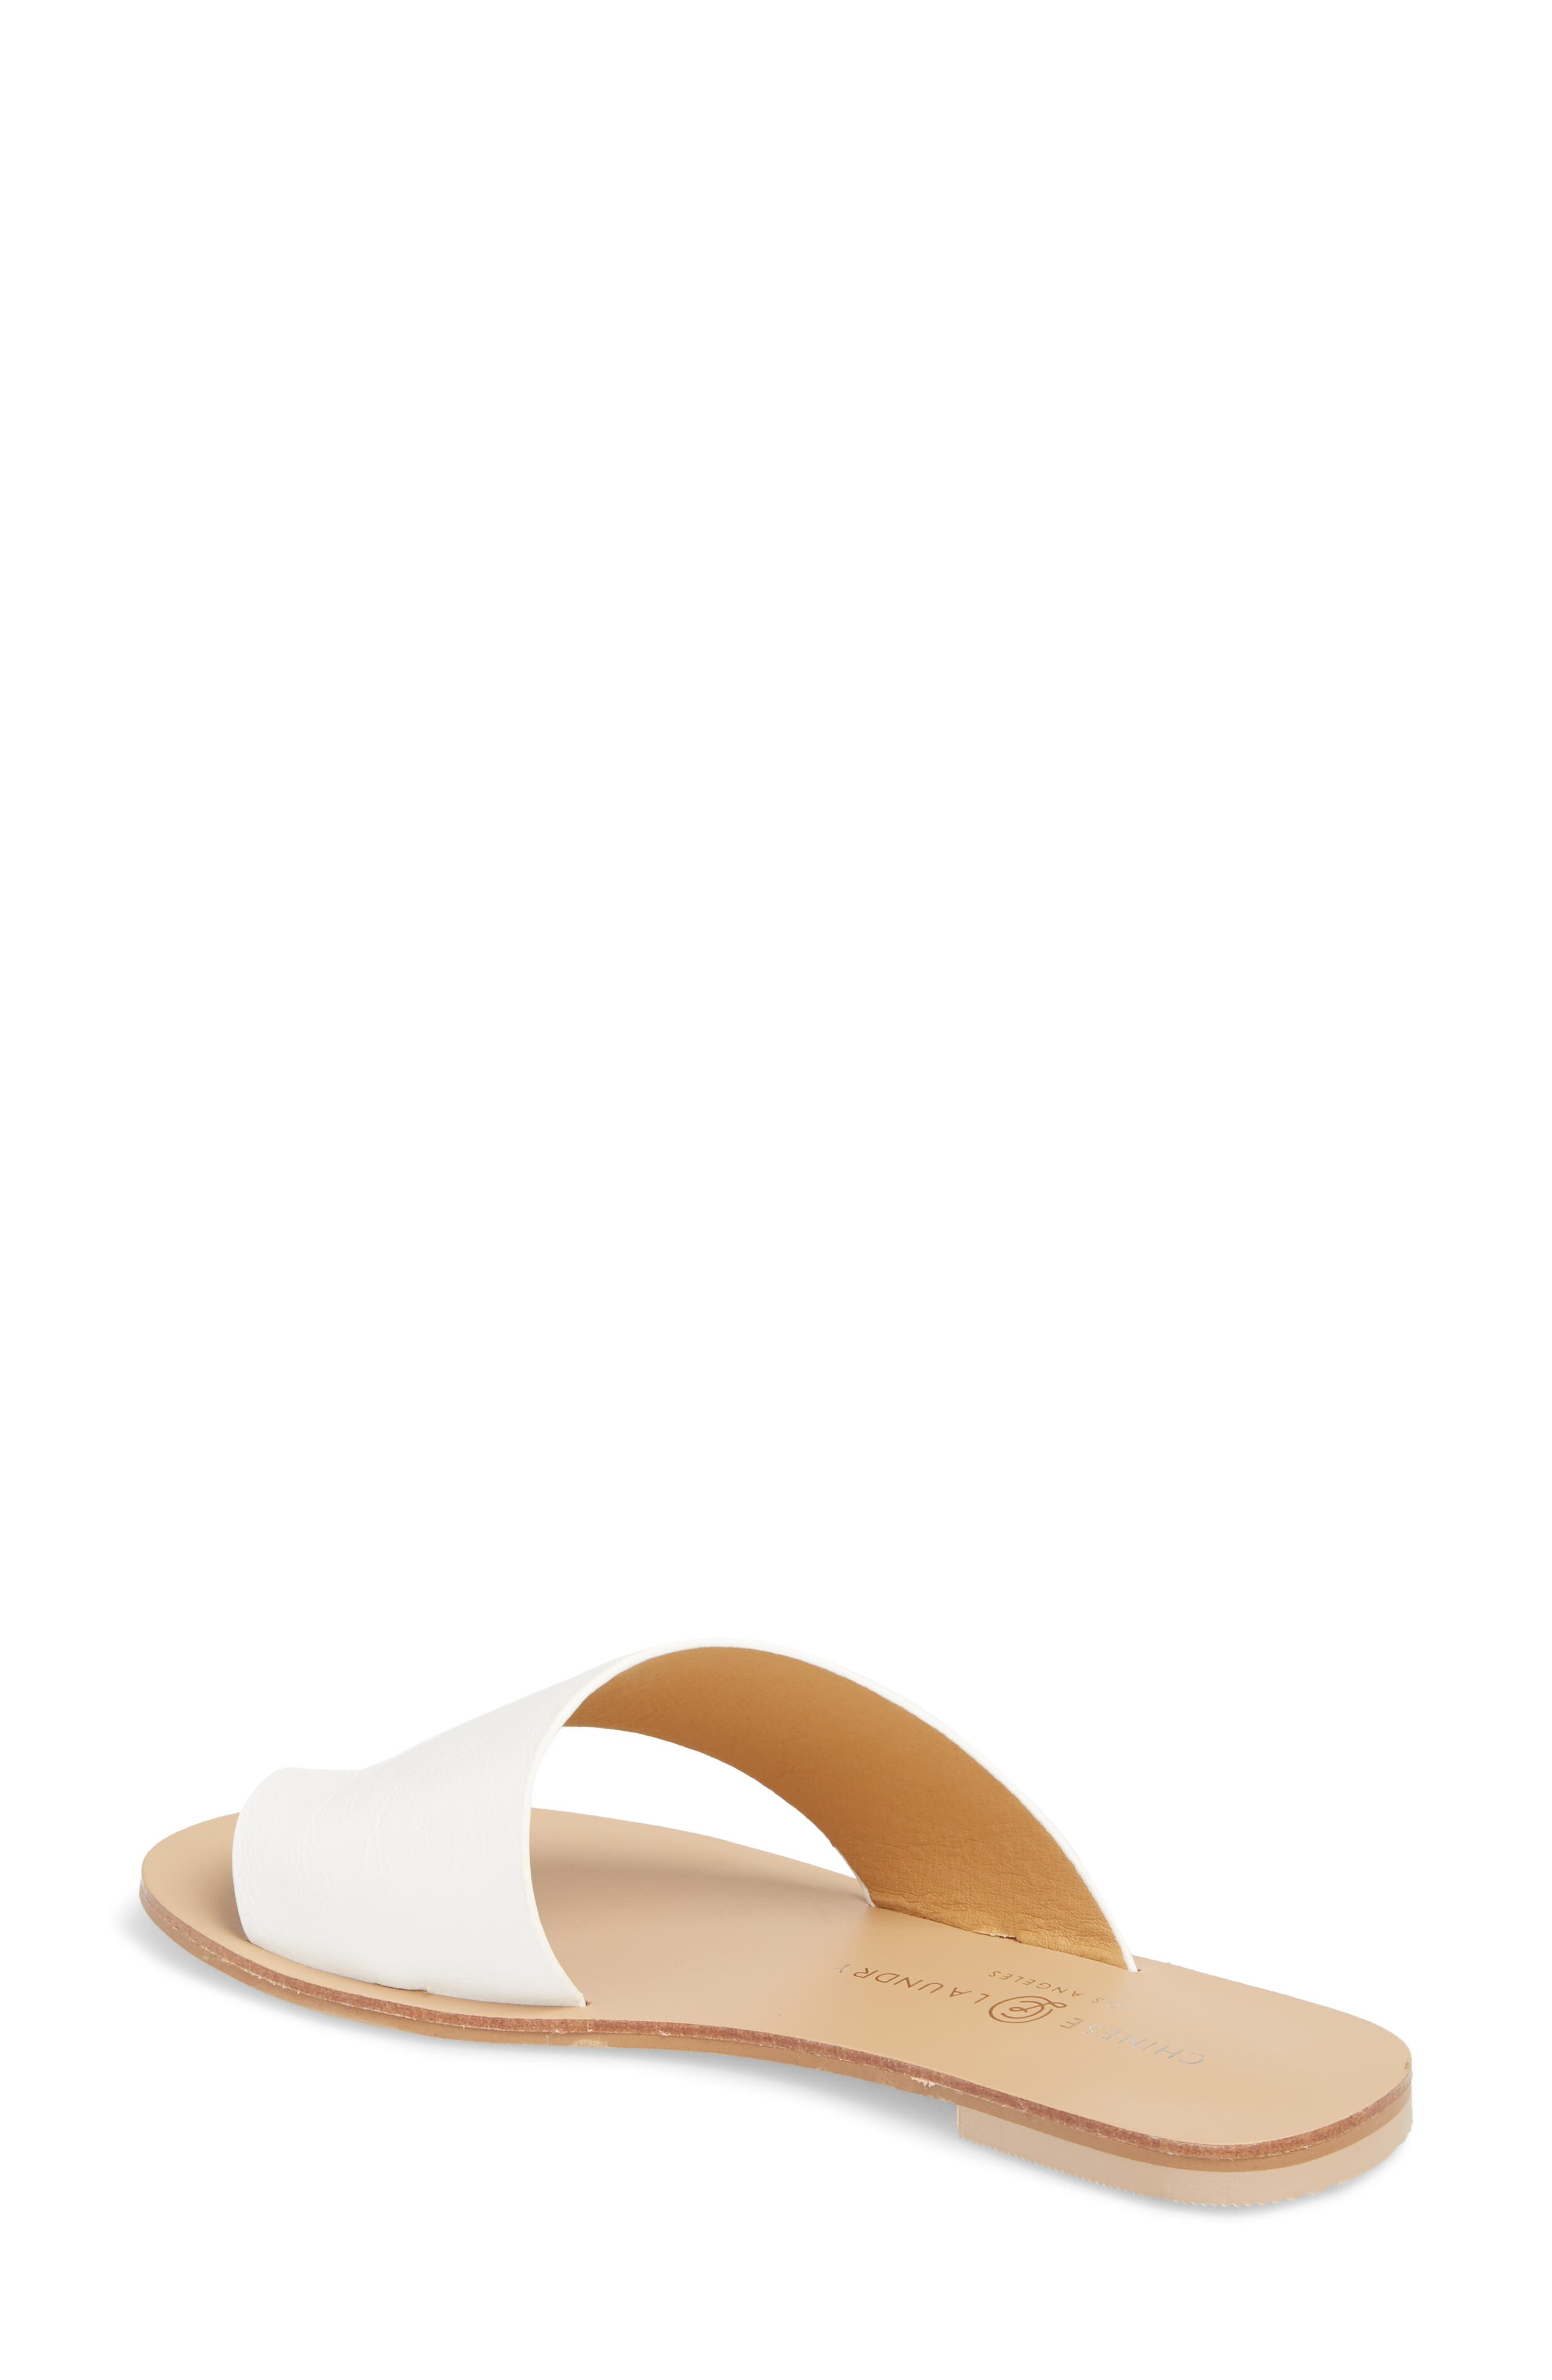 Glory Asymmetrical Slide Sandal,                             Alternate thumbnail 2, color,                             WHITE